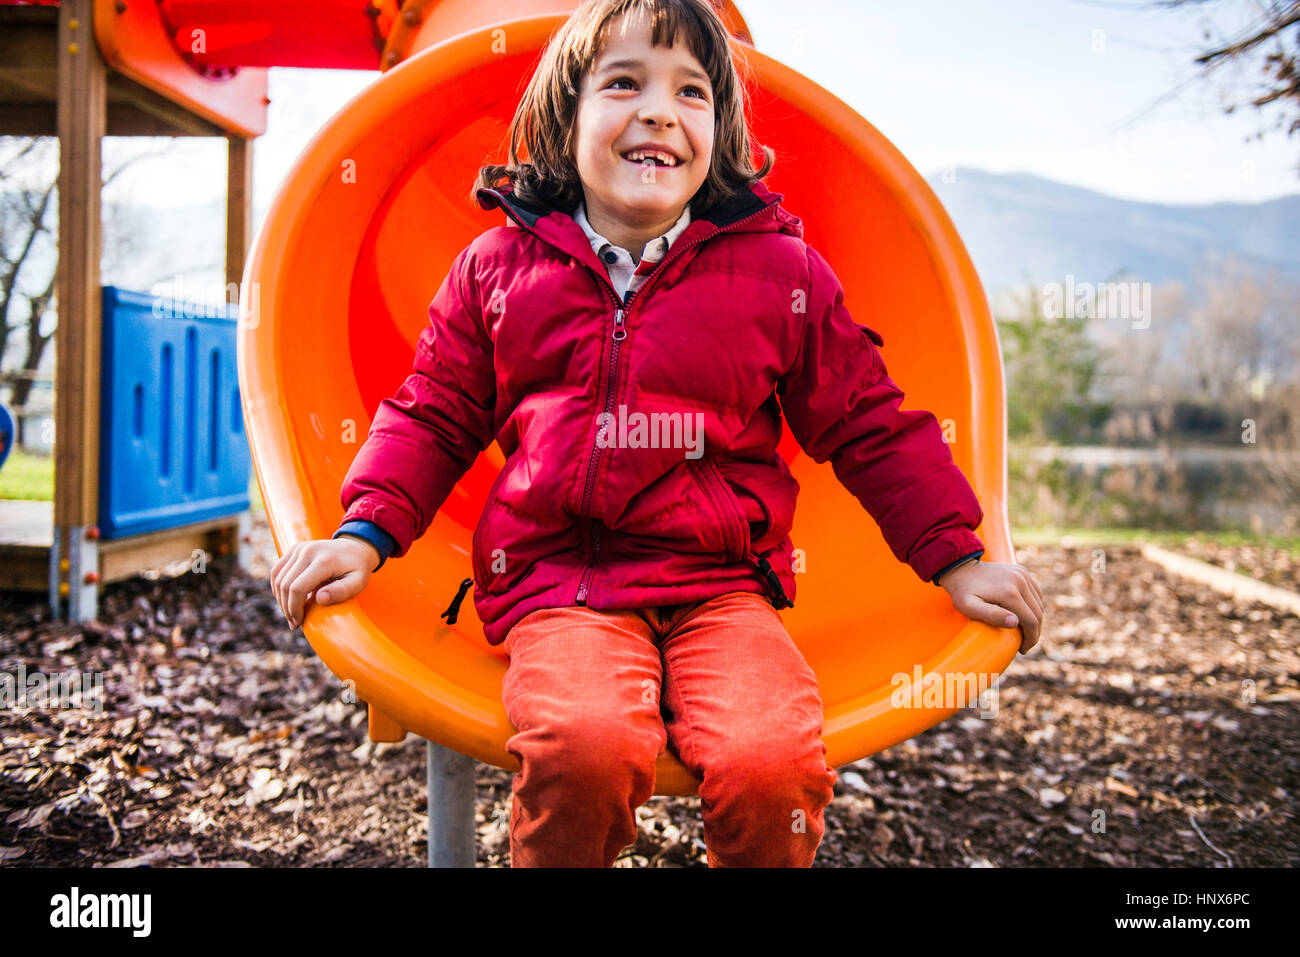 Boy sitting on orange playground slide - Stock Image